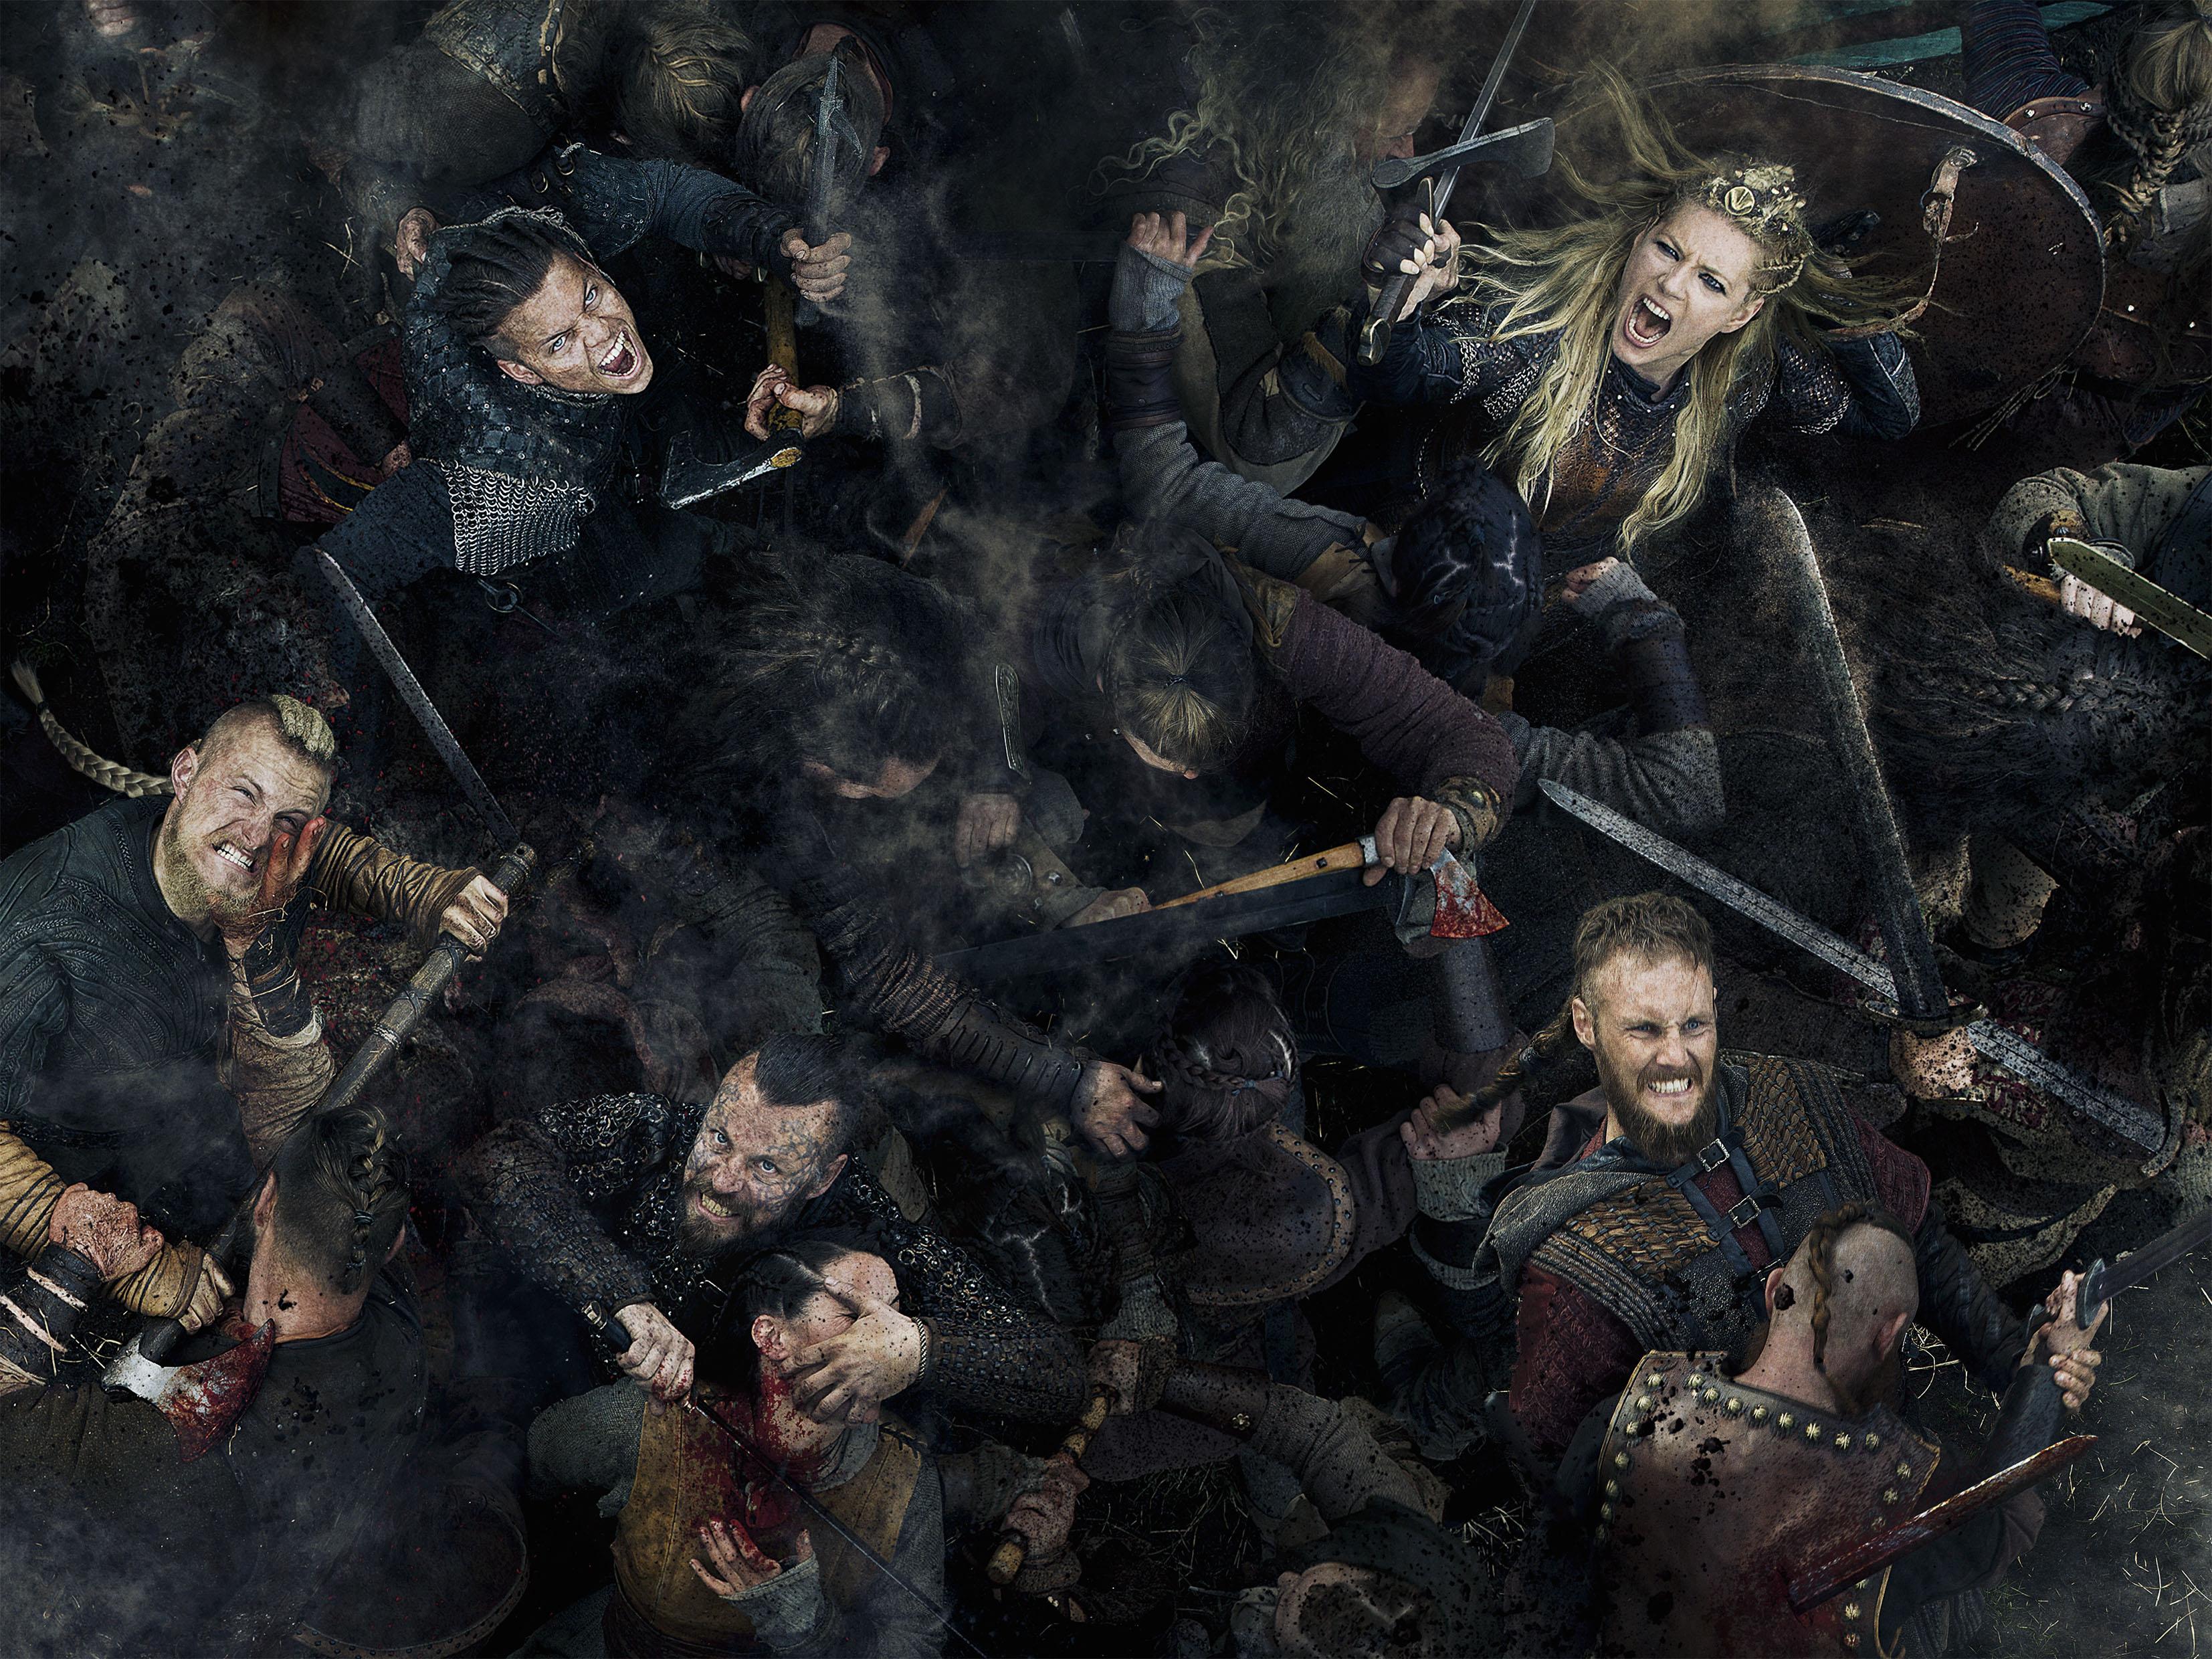 vikings-season-5-4k-d8.jpg